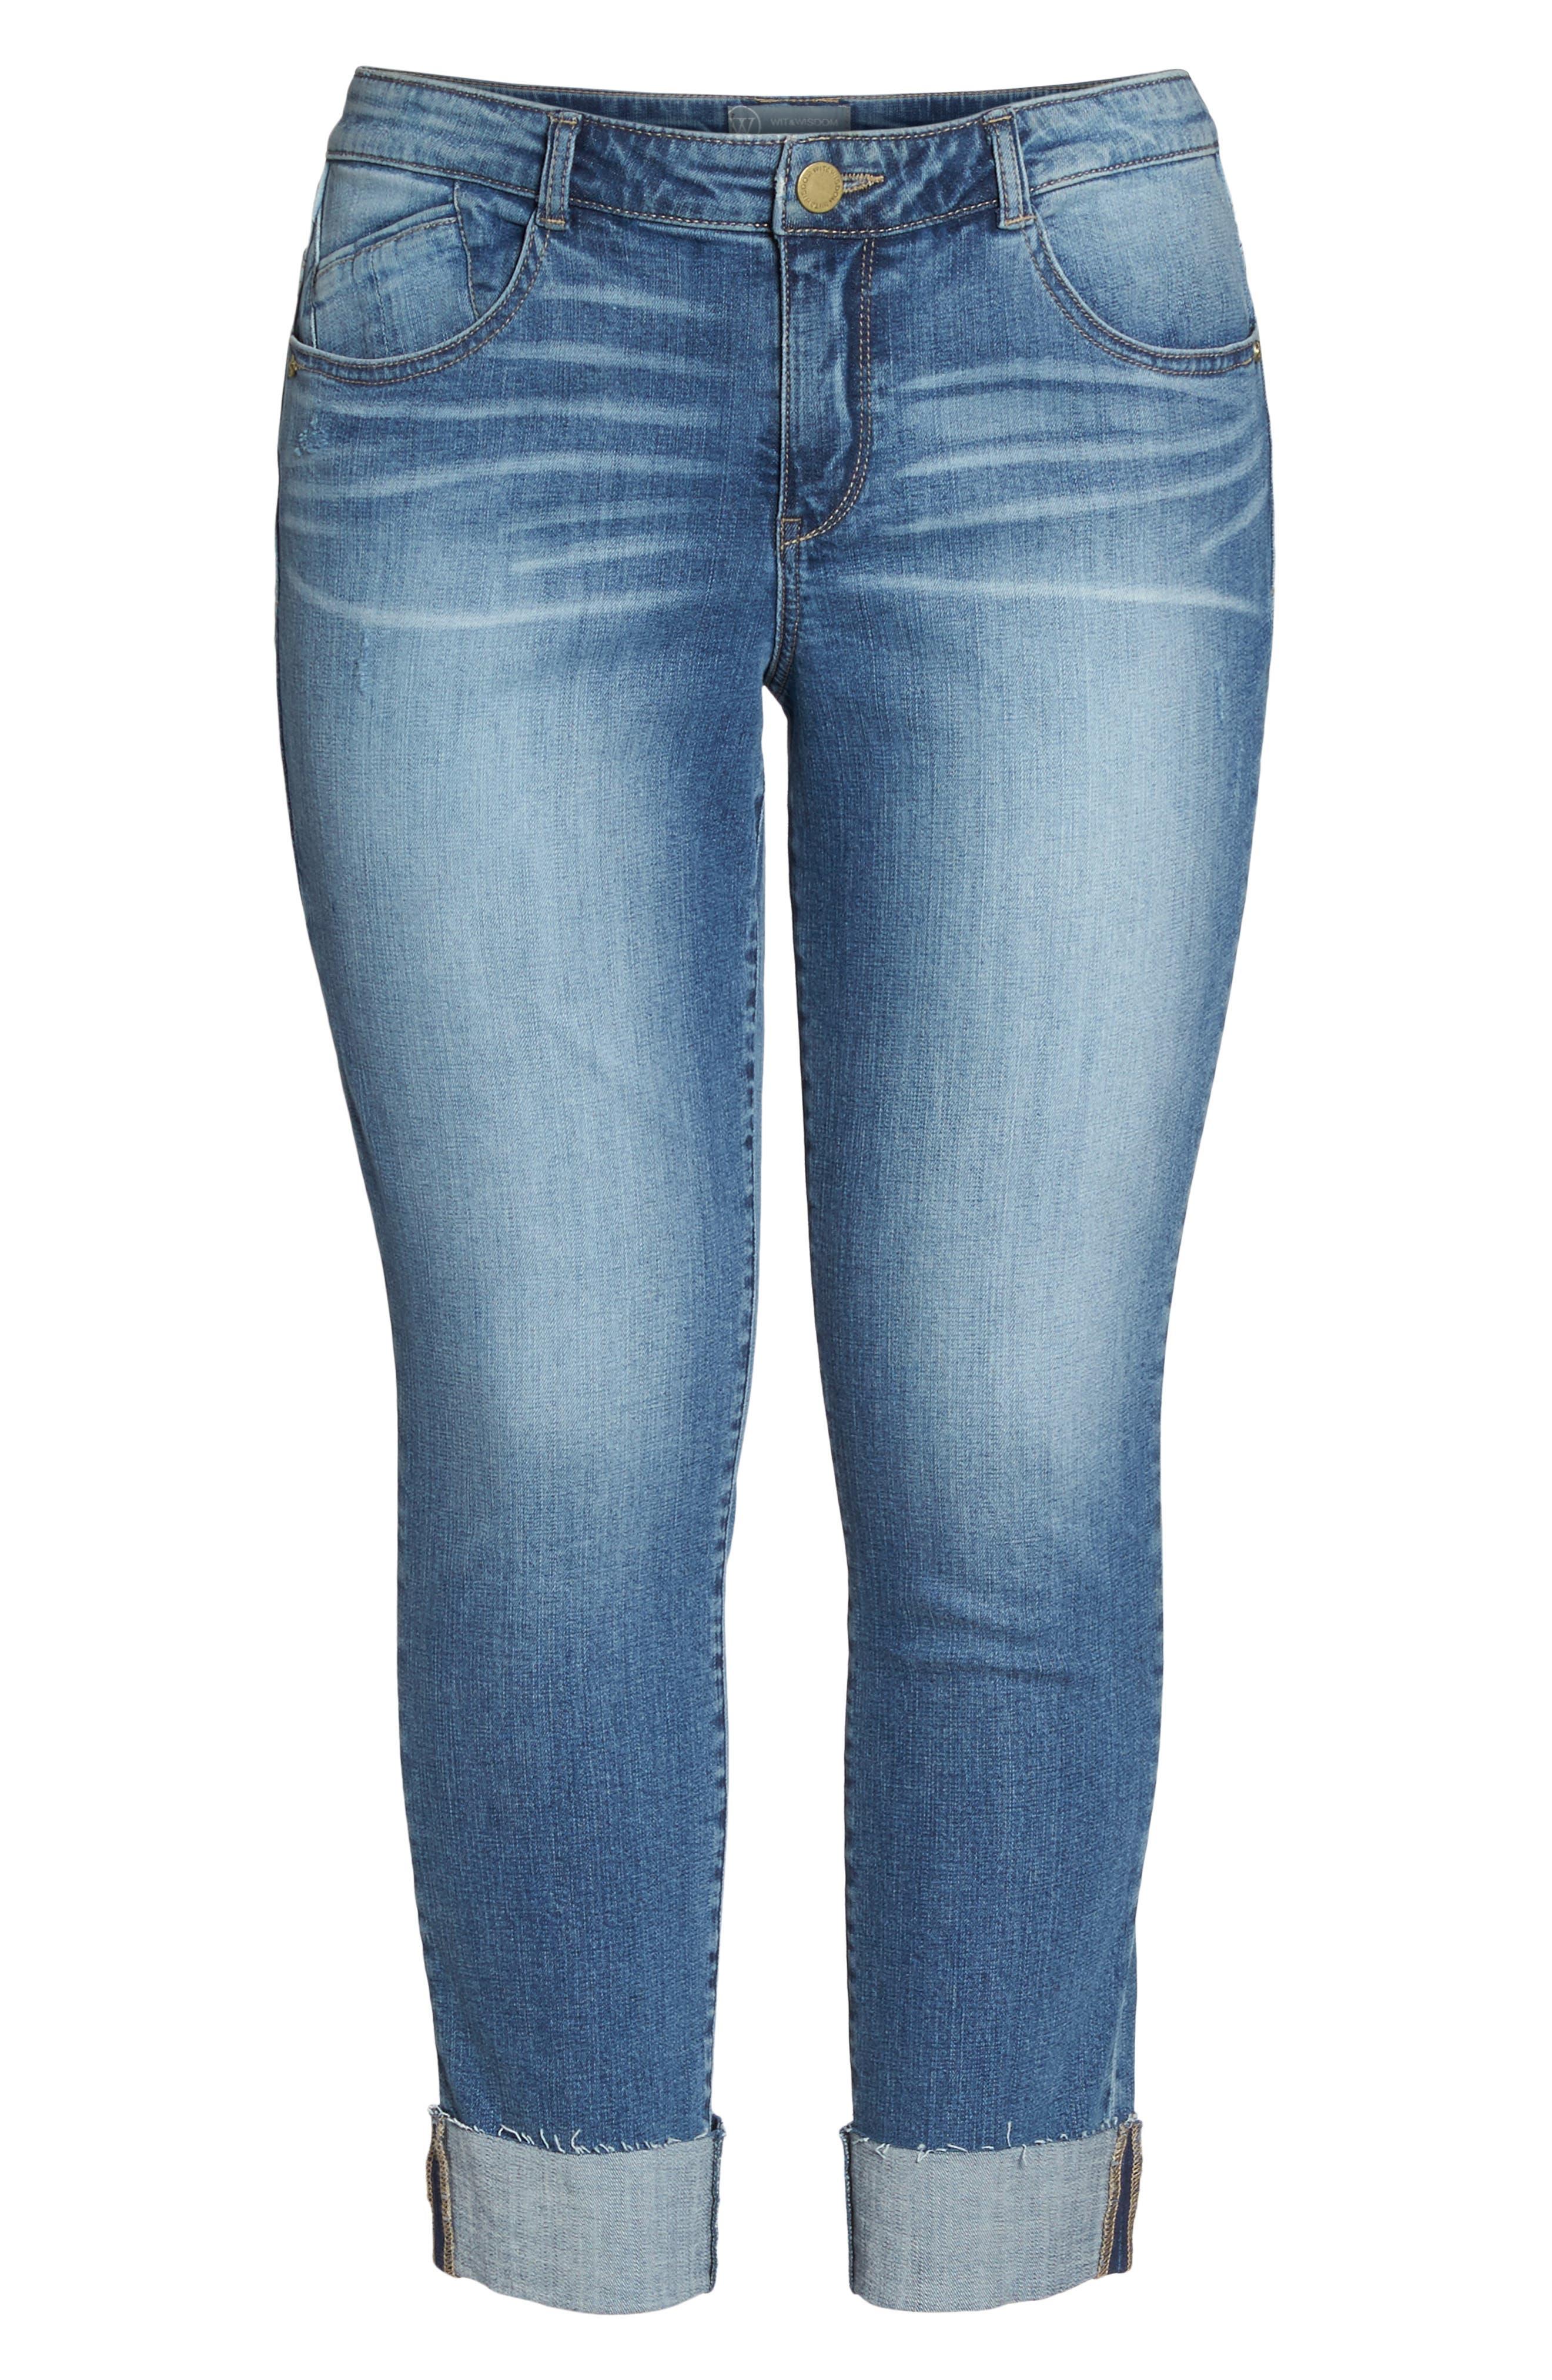 Flex-ellent Boyfriend Jeans,                             Alternate thumbnail 7, color,                             BLUE